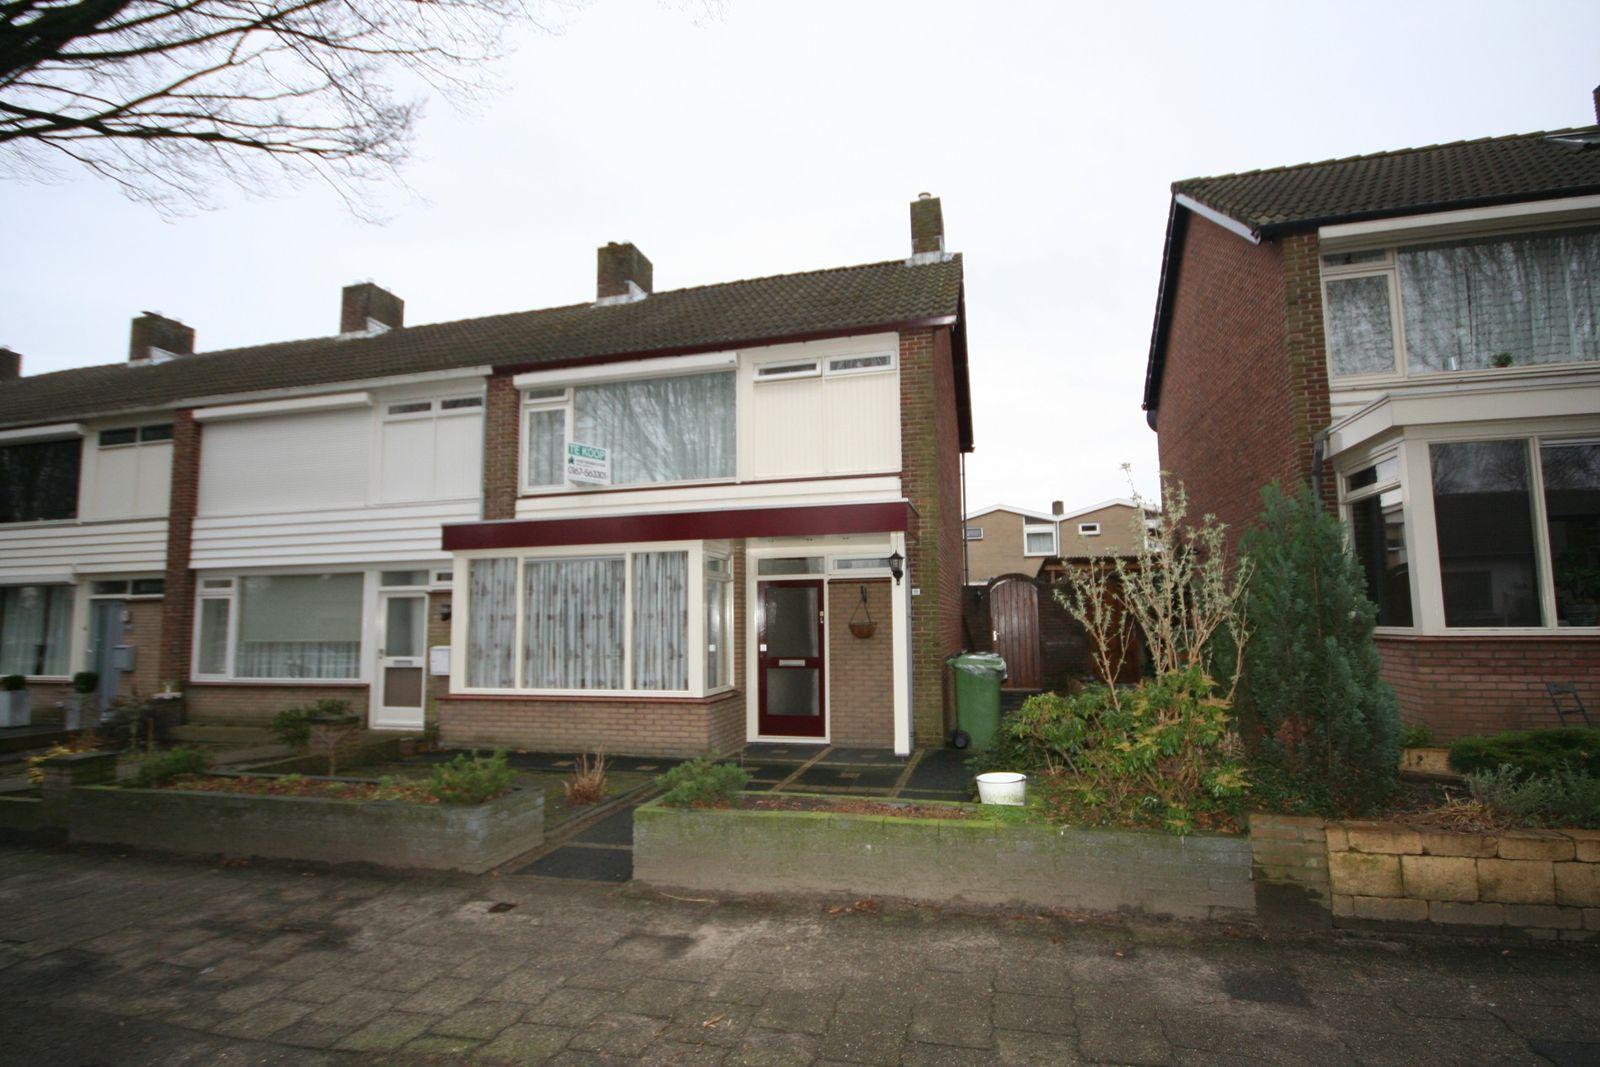 Minckelersweg 112 koopwoning in Hoogerheide, Noord-Brabant ...   1600 x 1067 jpeg 215kB